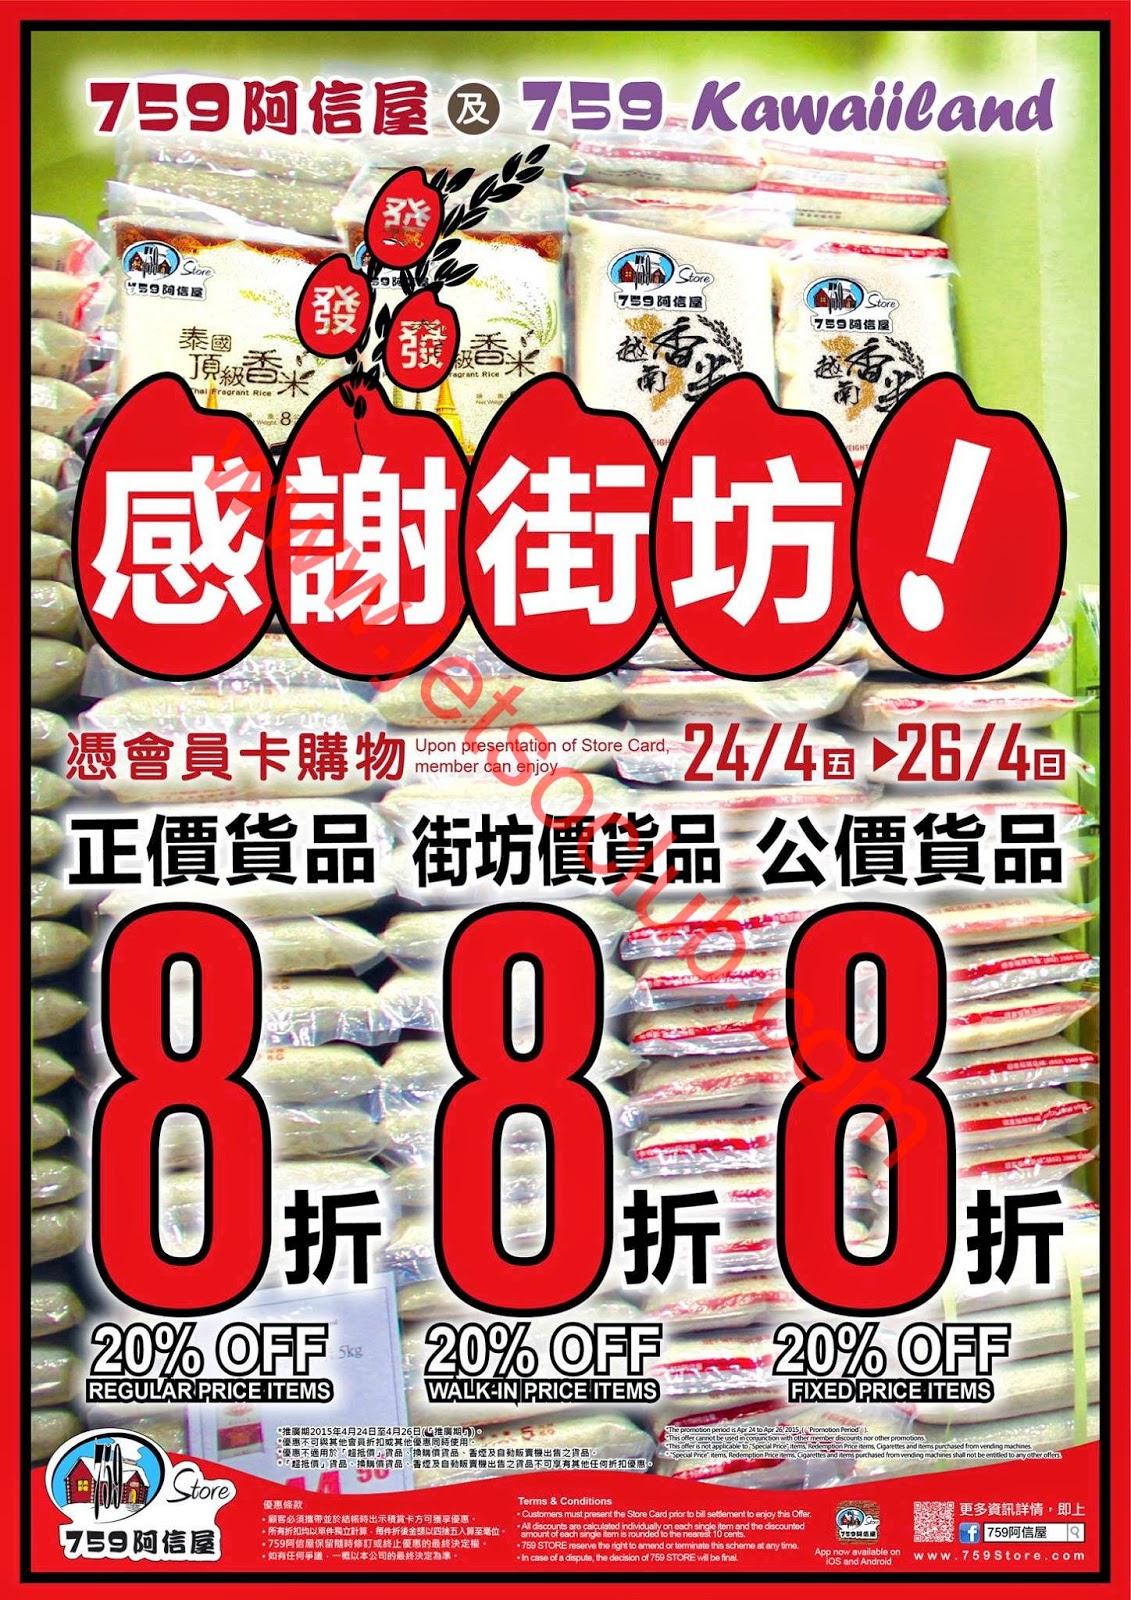 759 阿信屋 / 759 Kawaiiland:感謝街坊 全部貨品 8折優惠(24-26/4) ( Jetso Club 著數俱樂部 )